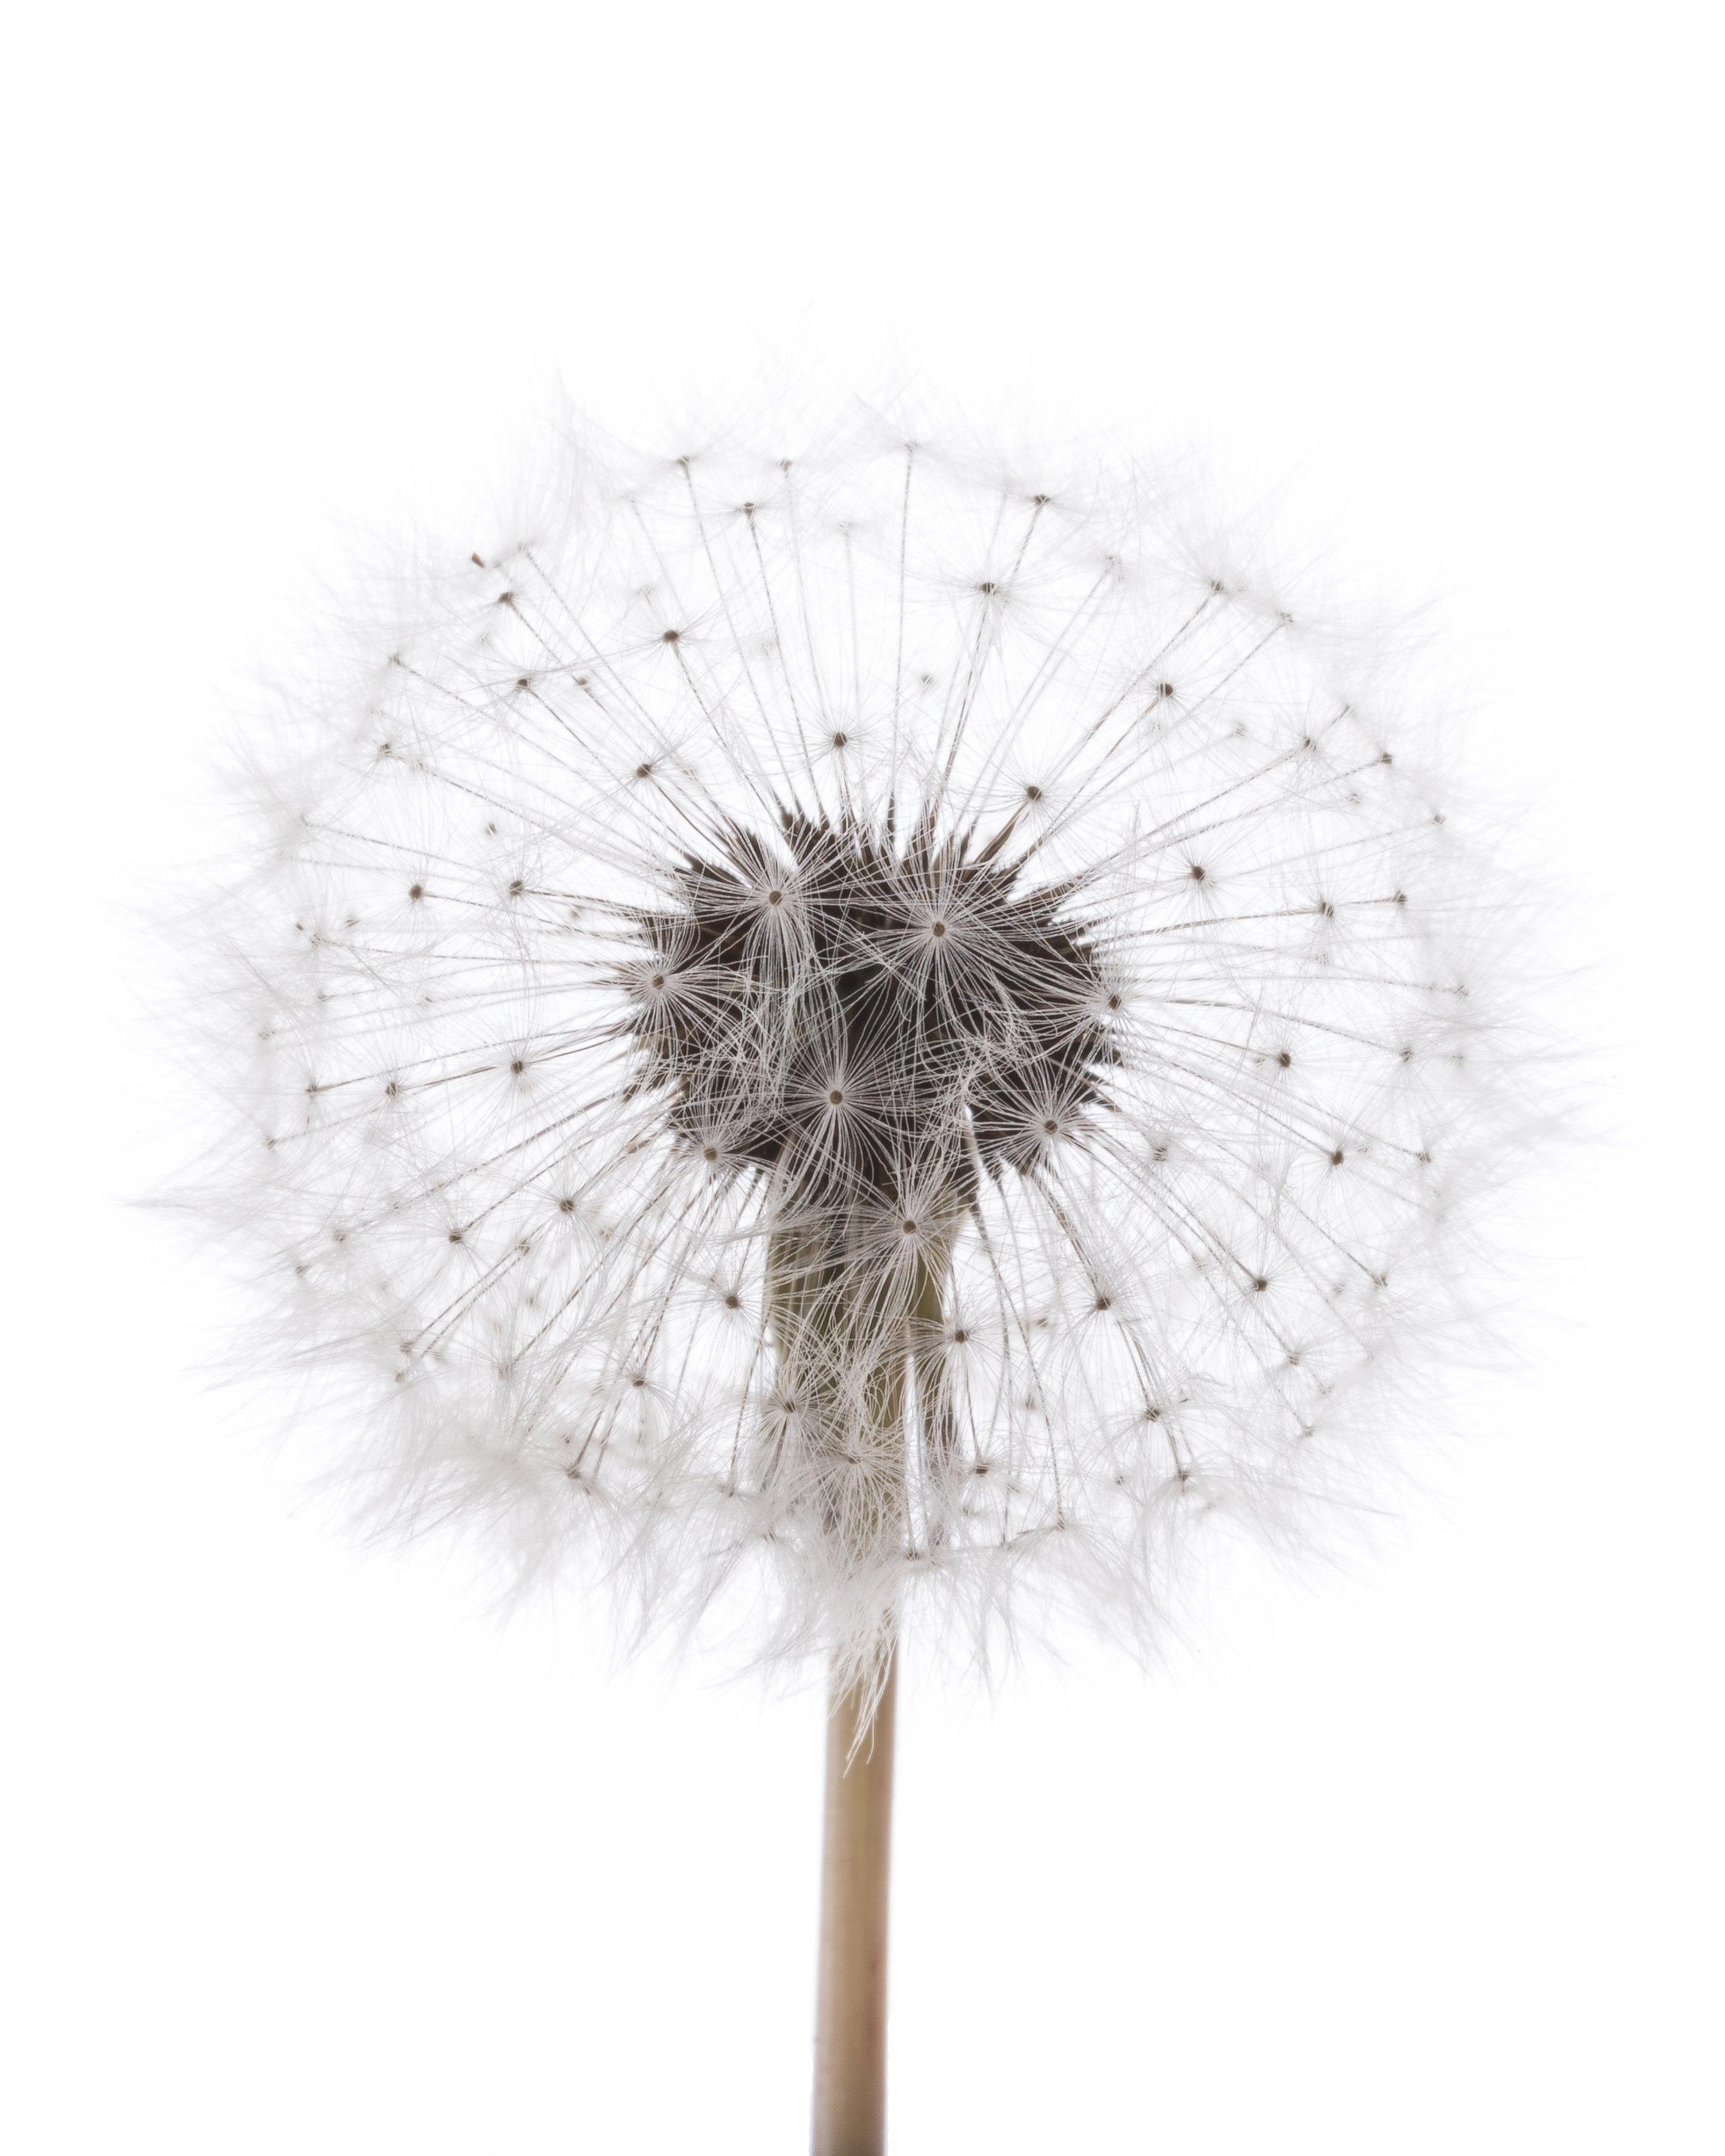 dandelion high key